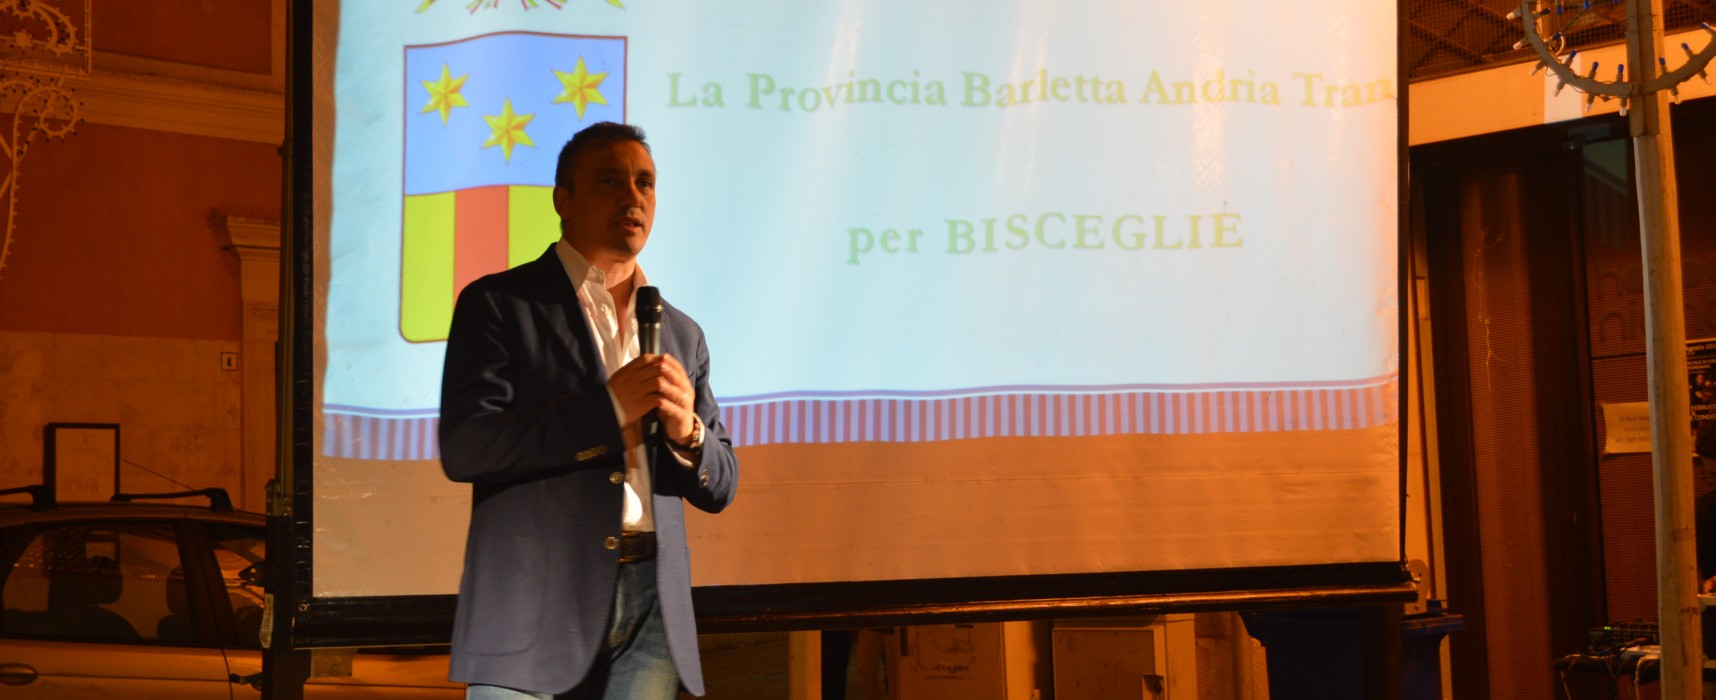 """""""La Provincia si racconta"""", intervista a Francesco Ventola e a """"Pinuccio il faccendiere"""" /VIDEO"""